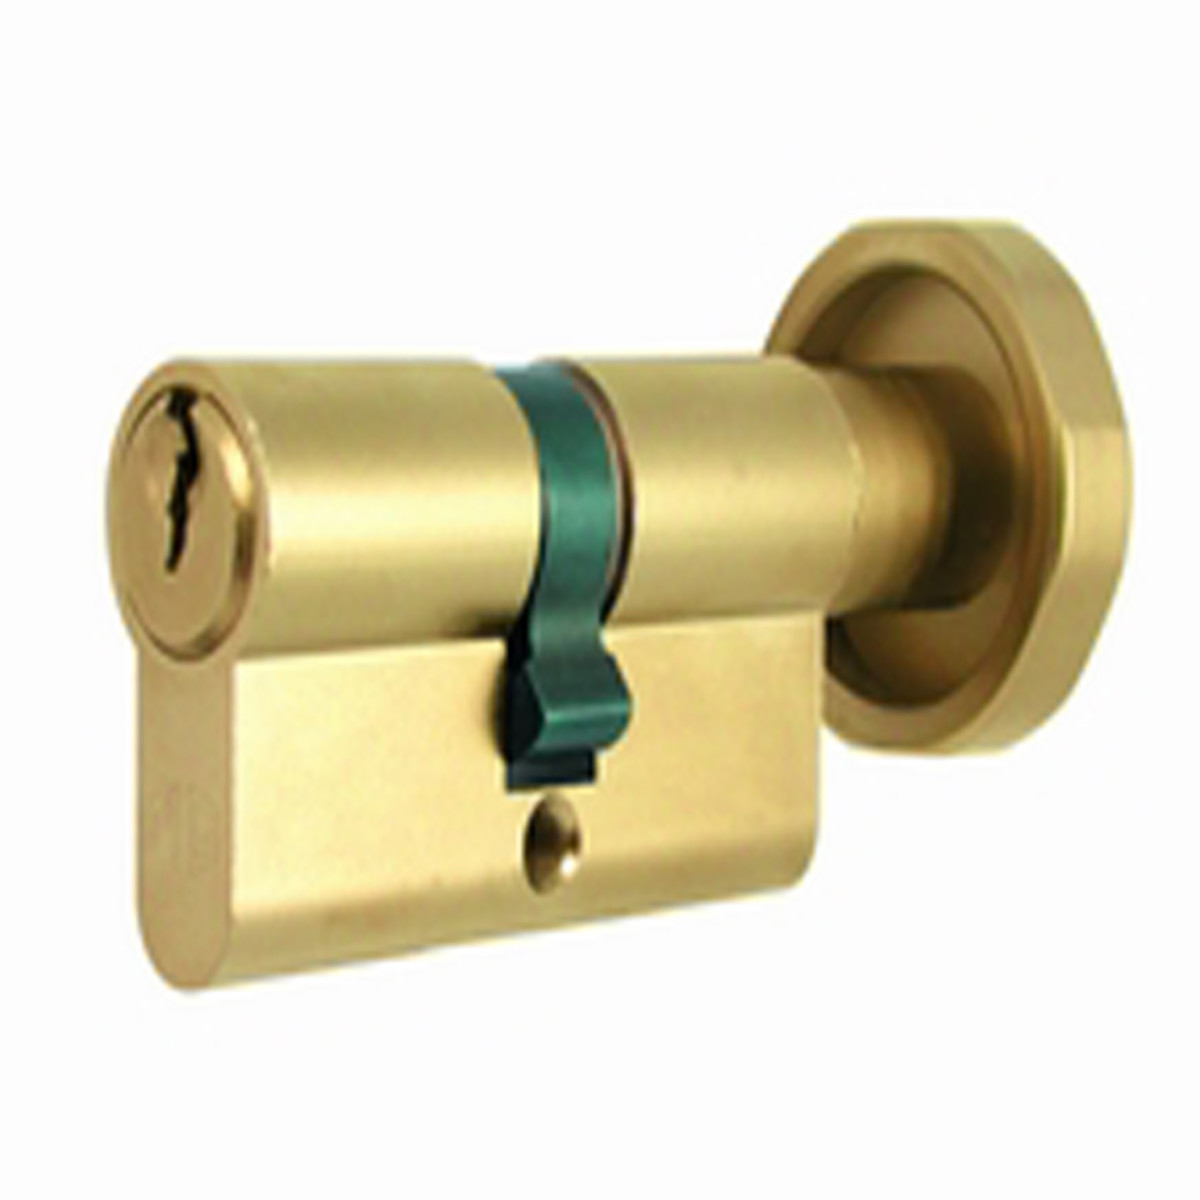 Cisa cilindro europeo astral 30 50 prezzo e offerte for Cilindro europeo cisa